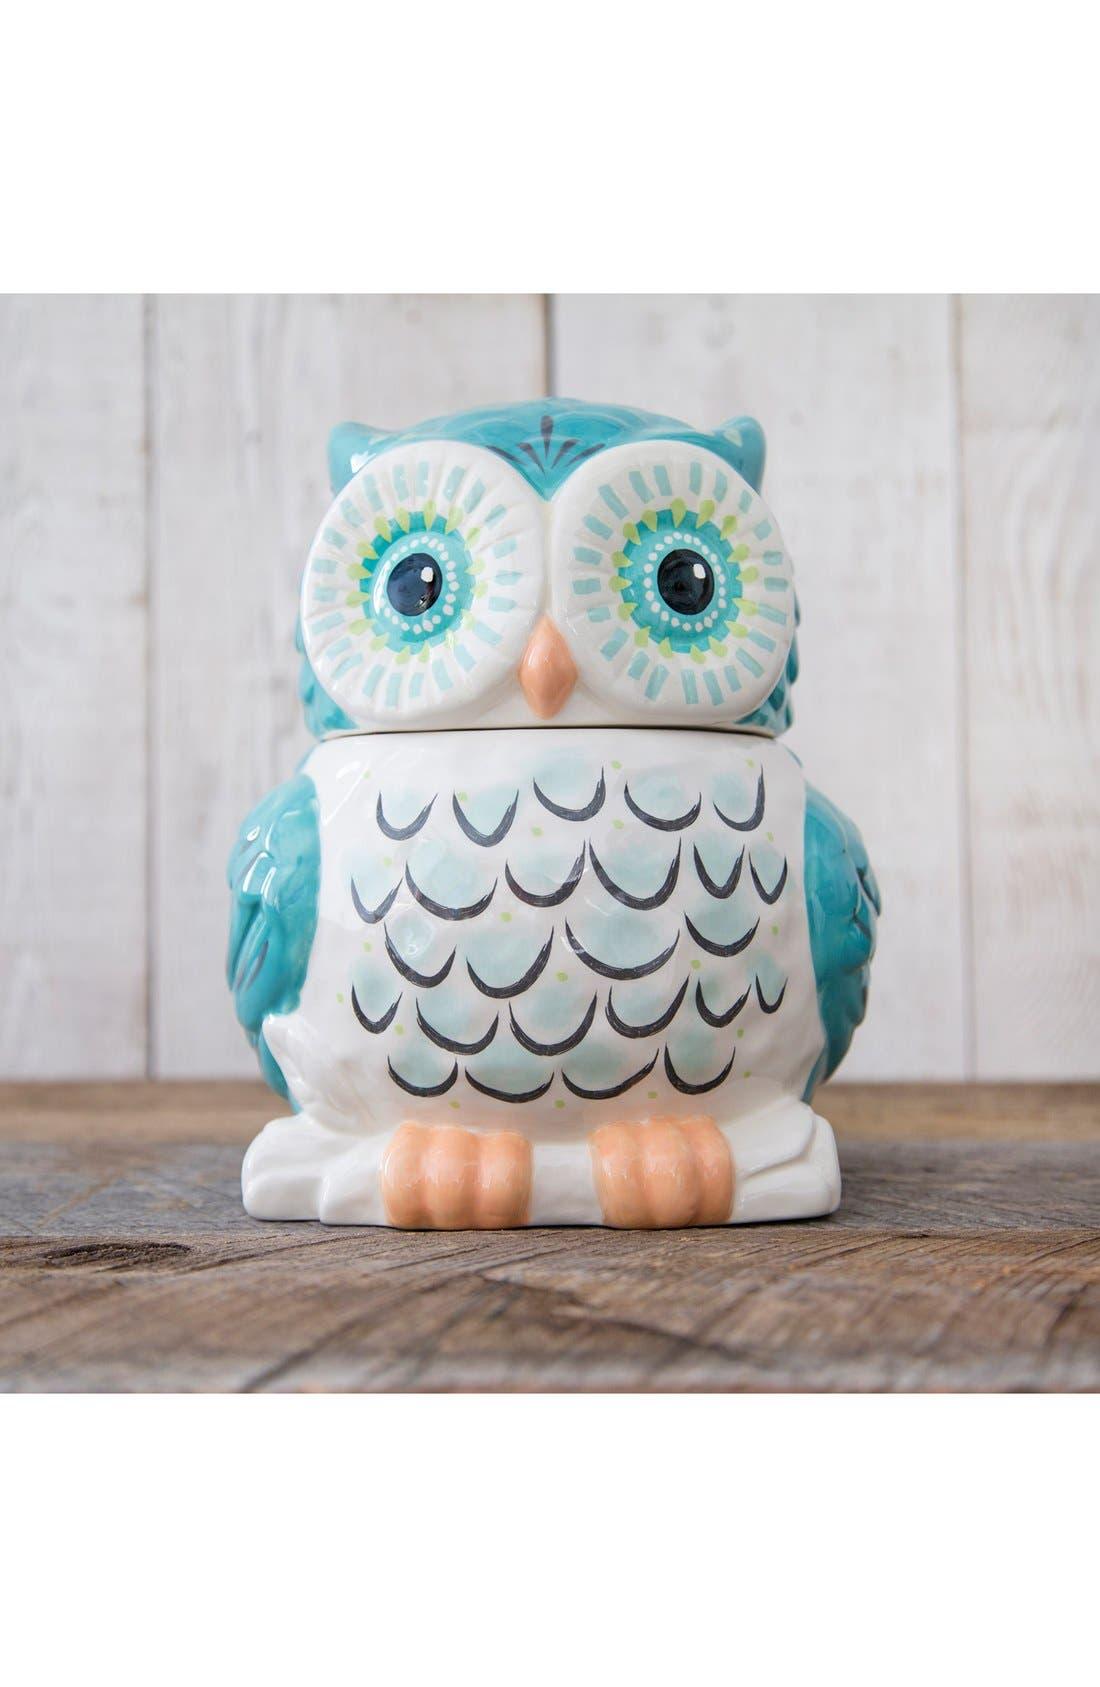 NATURAL LIFE,                             Ceramic Owl Cookie Jar,                             Alternate thumbnail 2, color,                             900